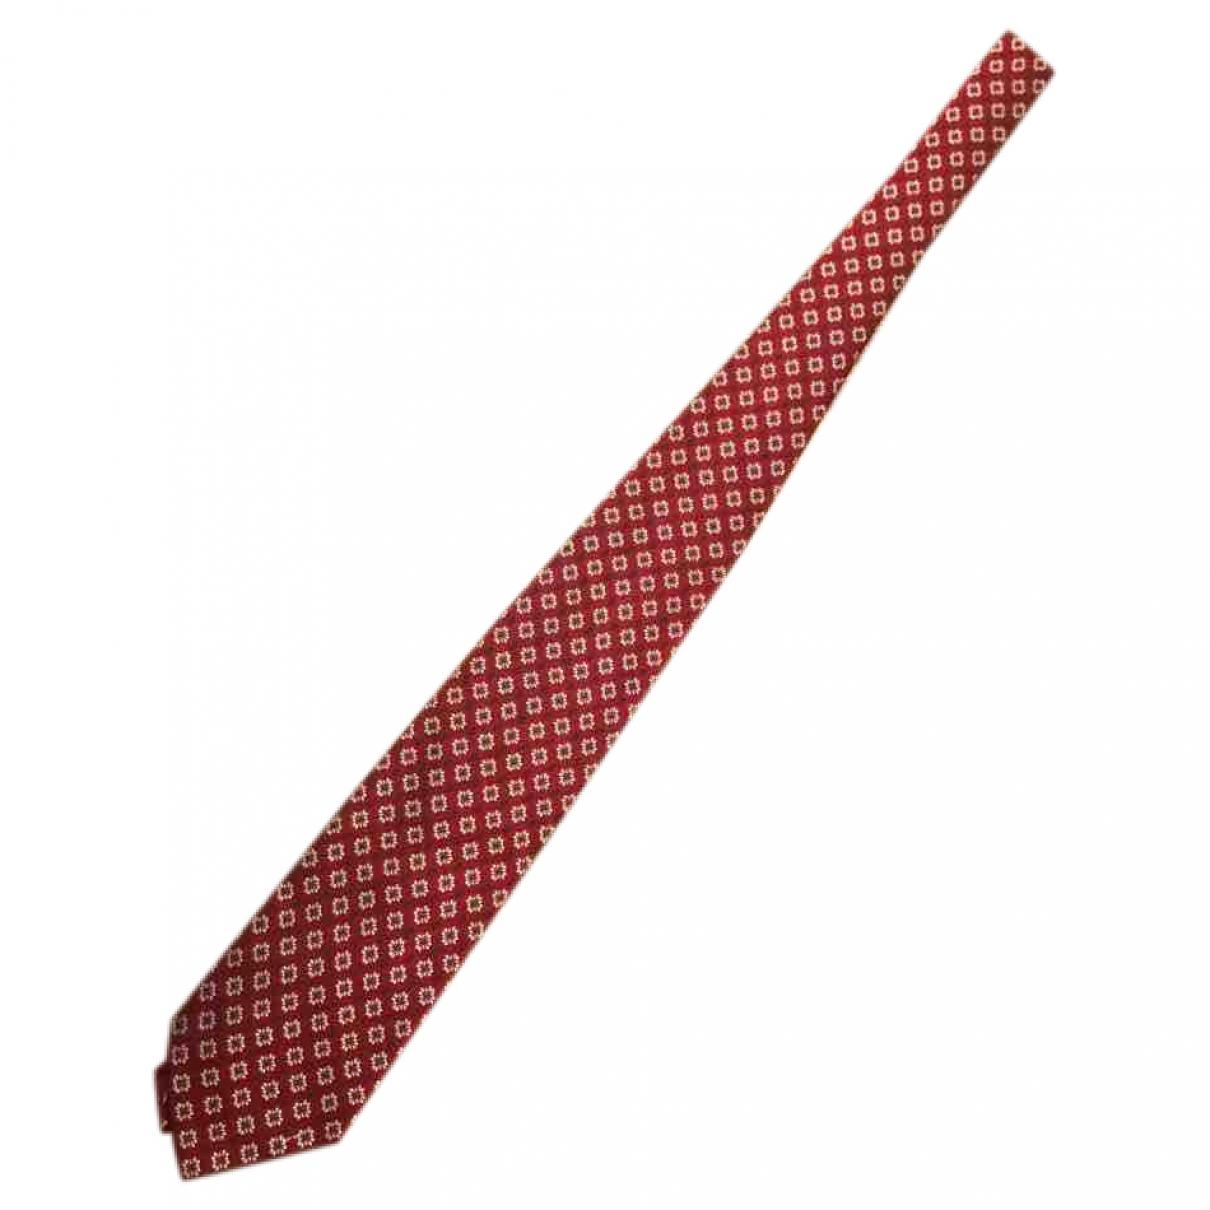 Corbata de Seda Byblos